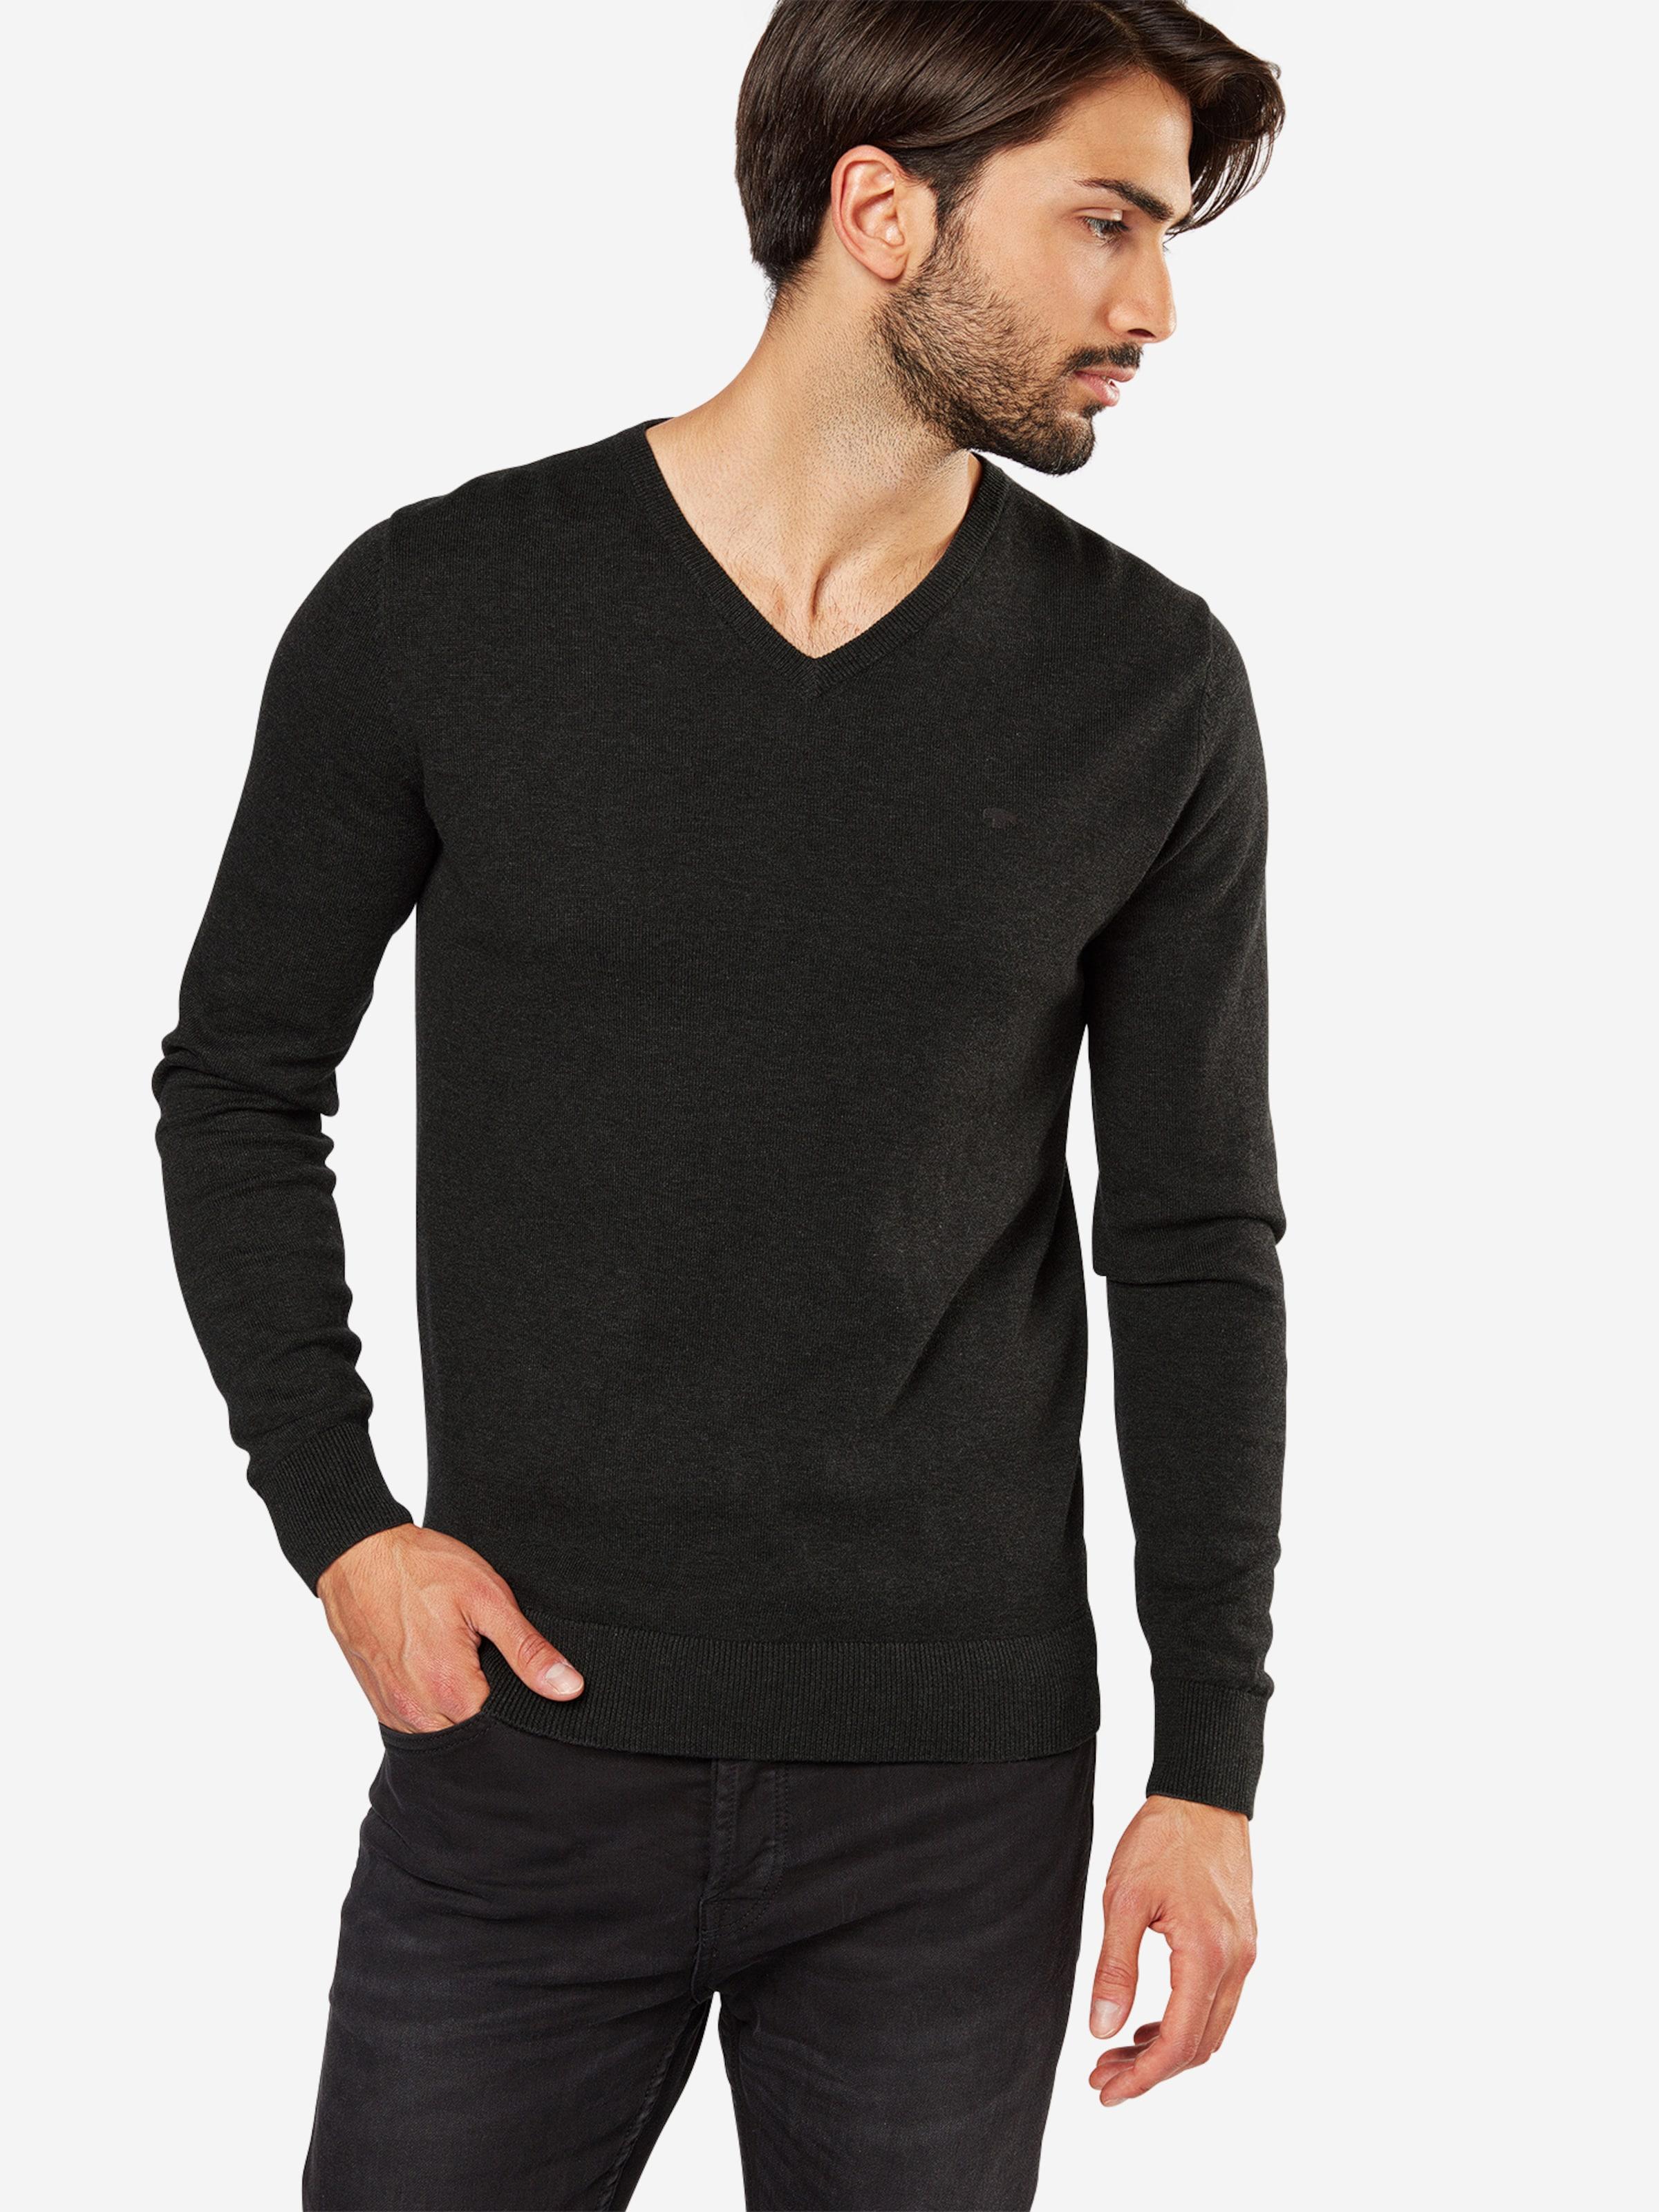 Anthracite over Pull Tailor neck En 'basic V Sweater' Tom qVpSGUzM